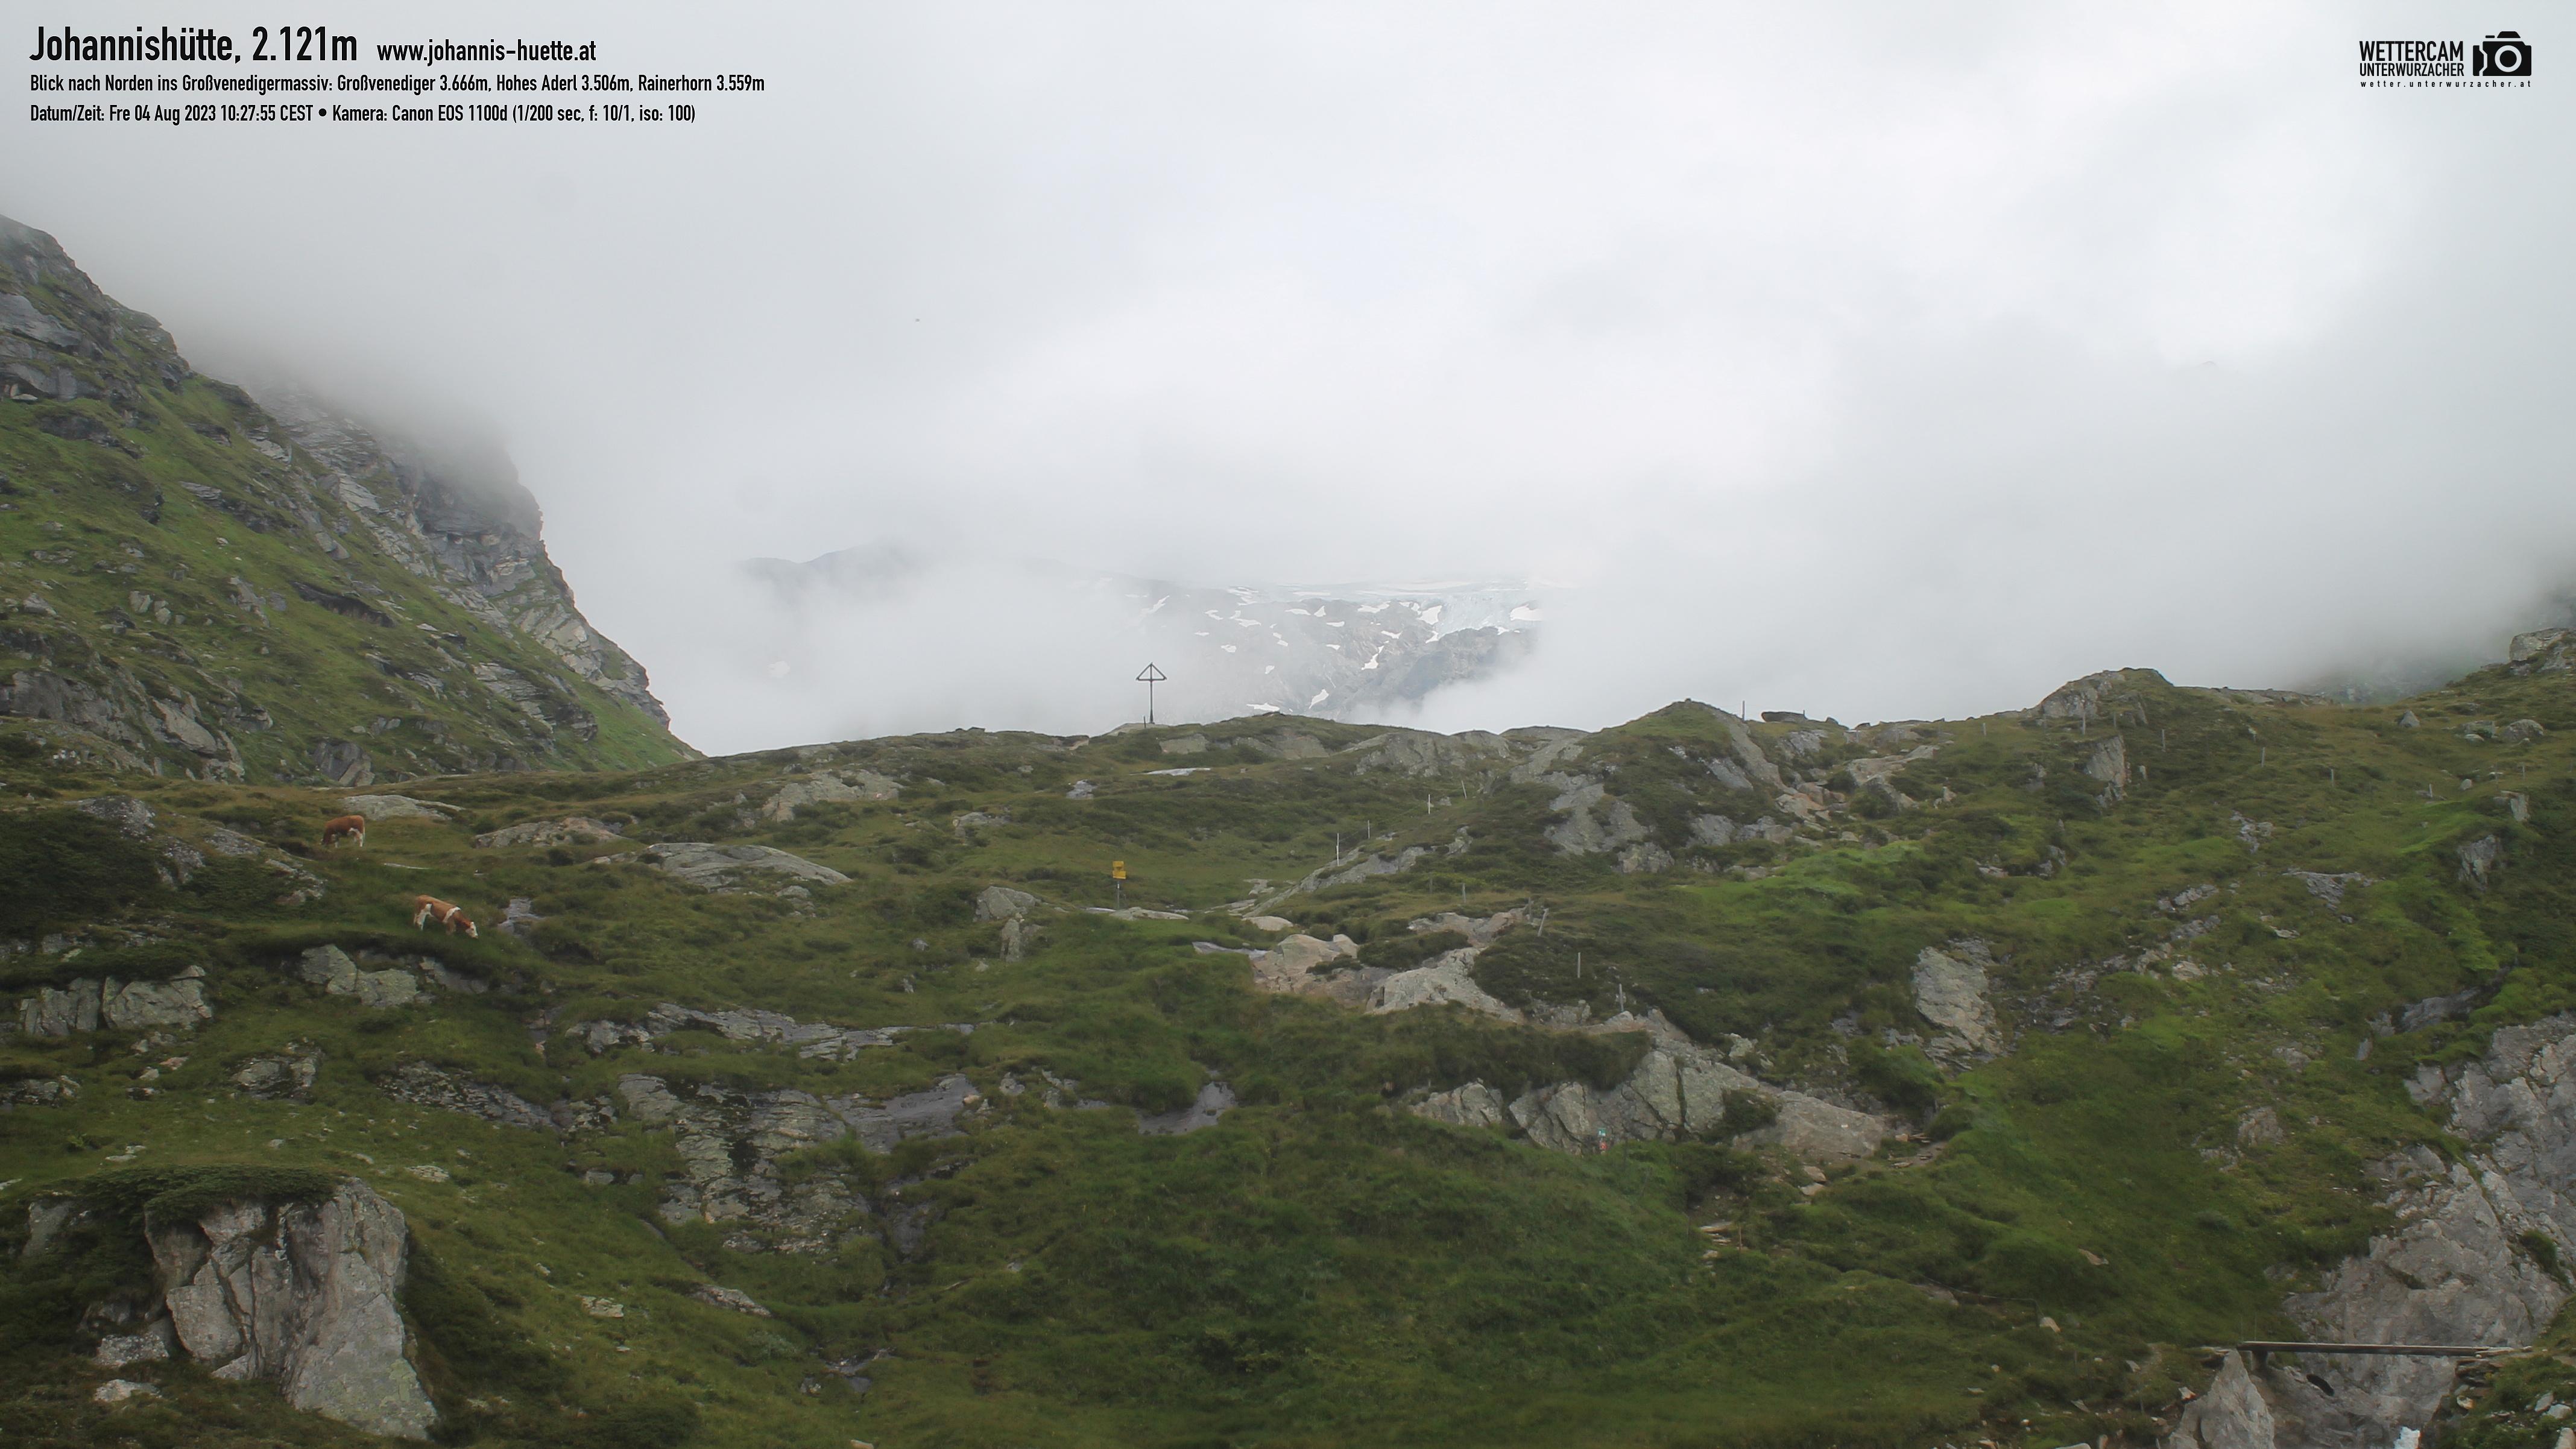 Webcam Johannis-Hütte 2.121 m   Osttirol